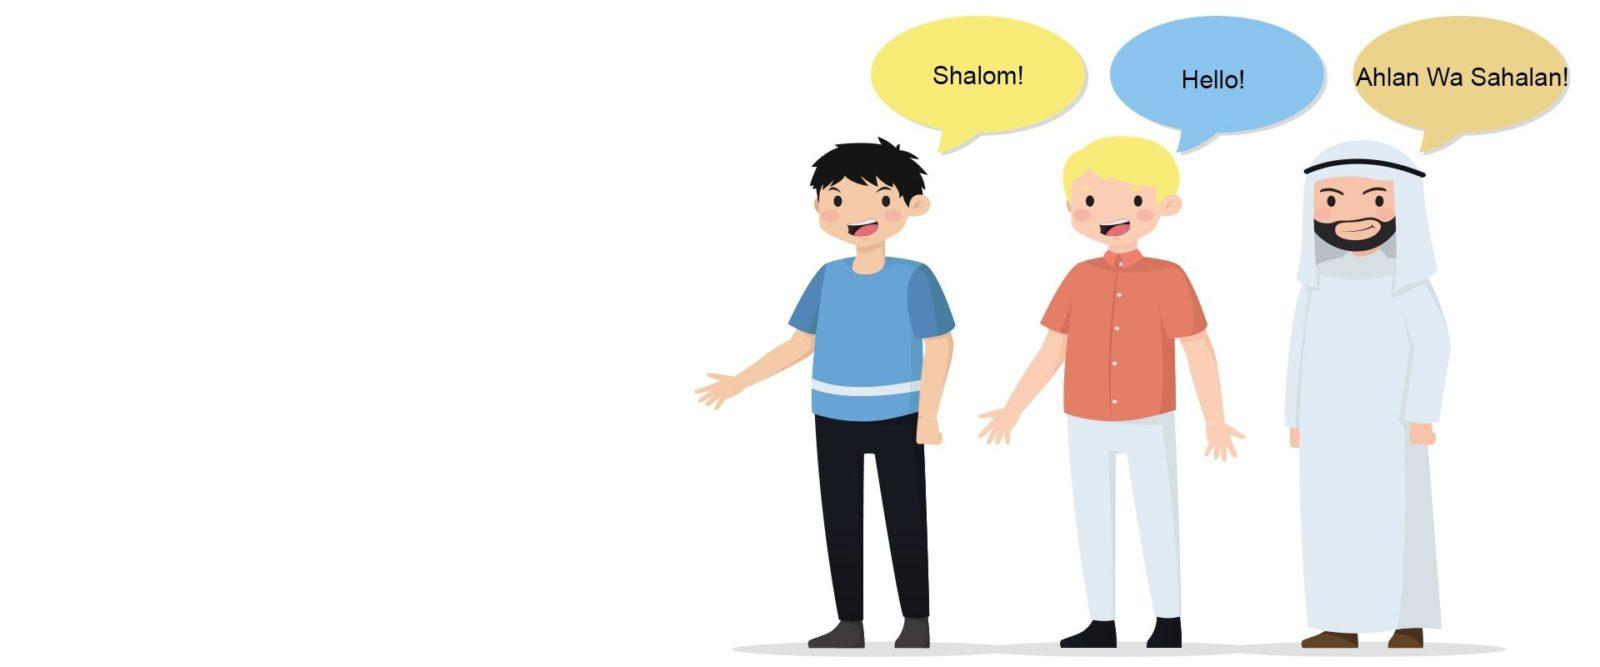 10 Useful Hebrew Words